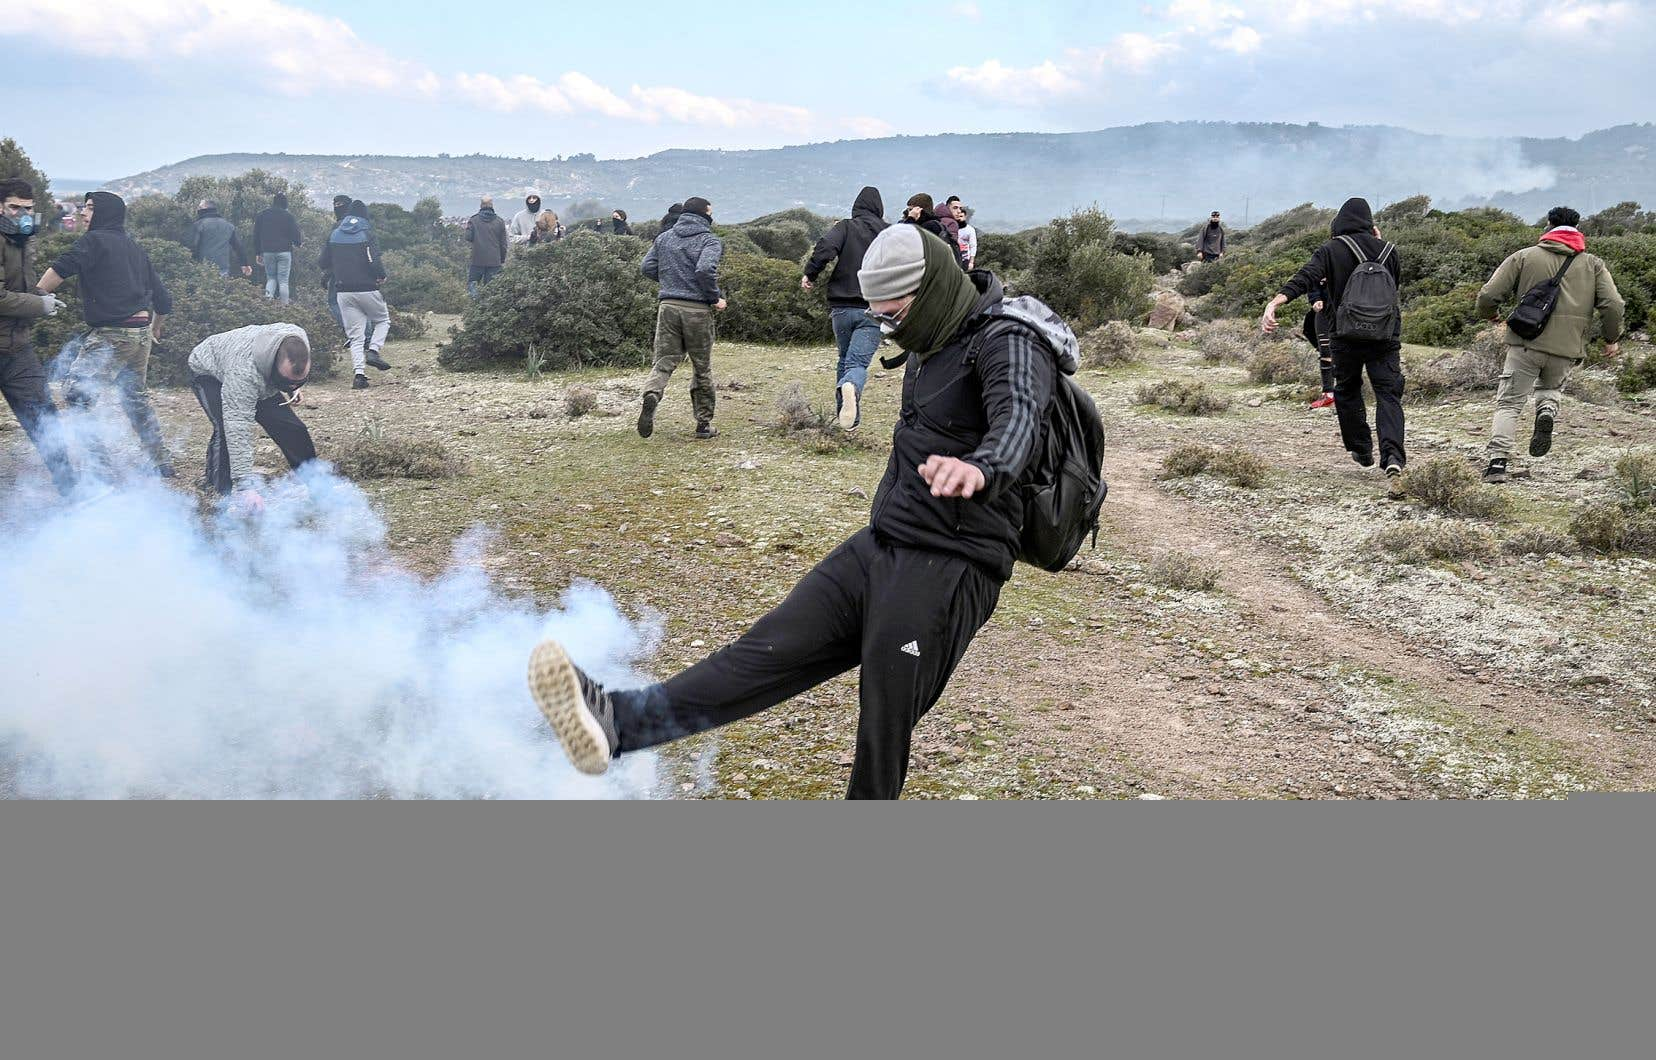 Un homme repoussant du pied une bonbonne de gaz lacrymogène, lors d'une manifestation contre les nouveaux camps de migrants à proximité du village de Mantamados, mercredi